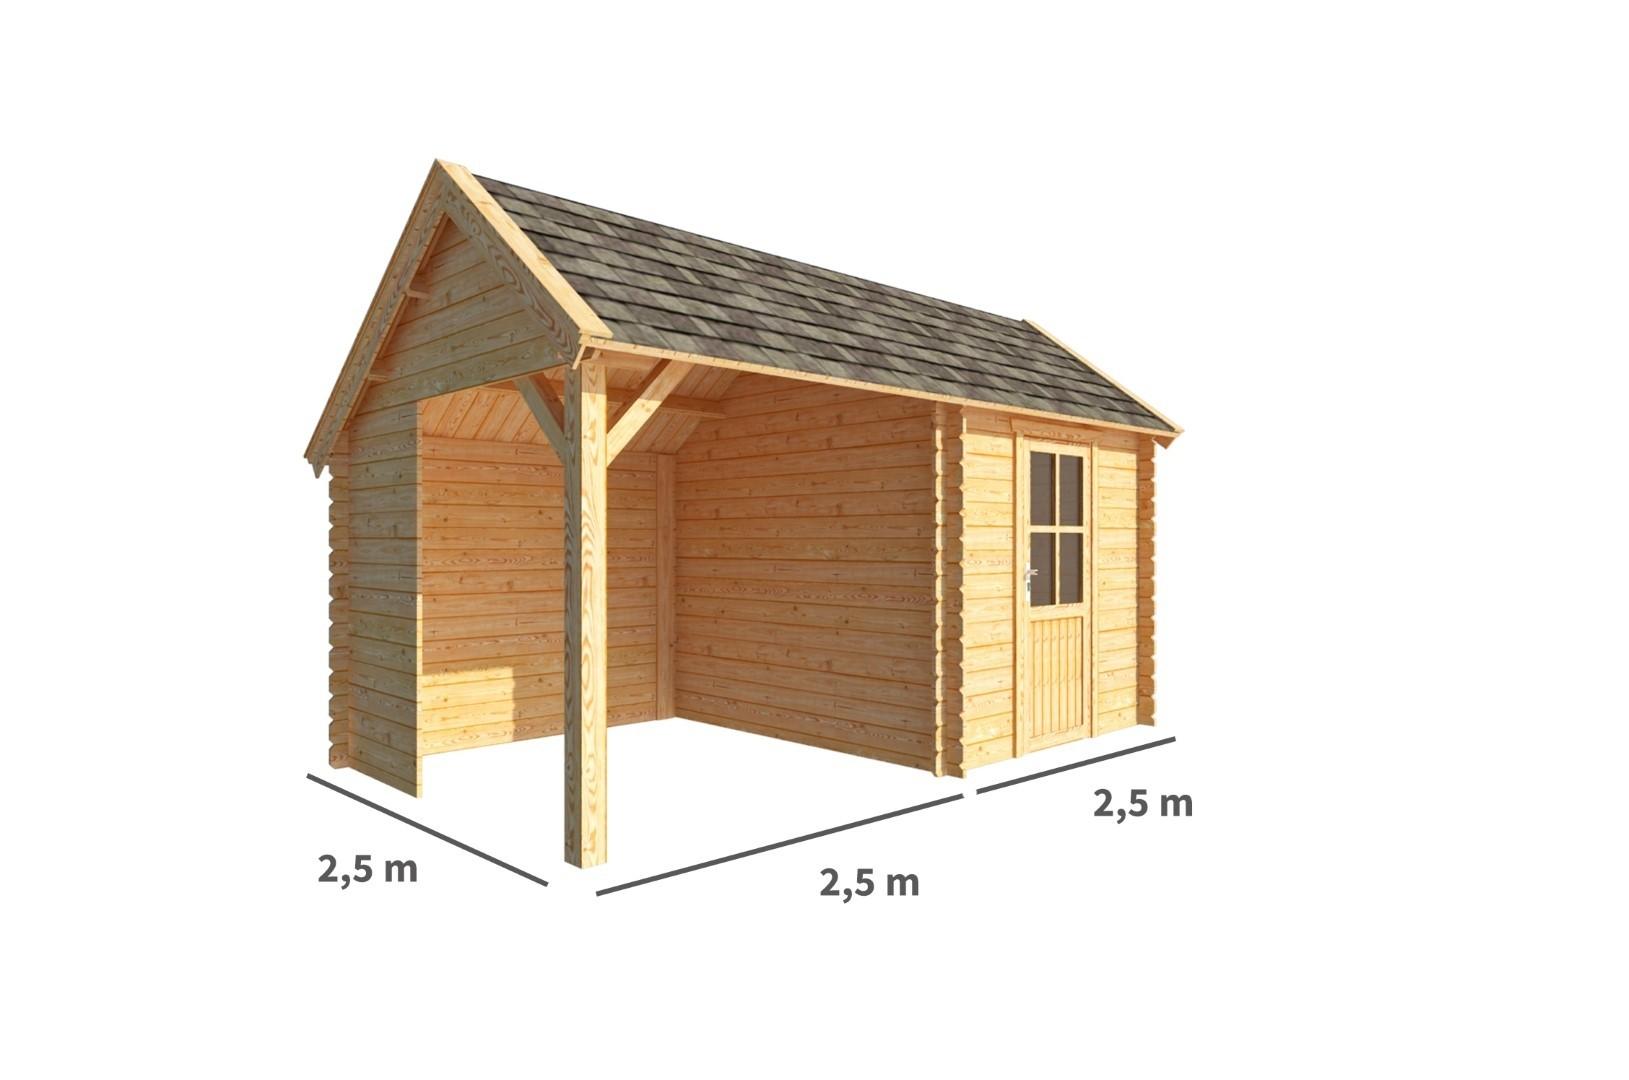 Blokhut met overkapping Michelle 500 cm bij 250 cm diep Kapschuurdak